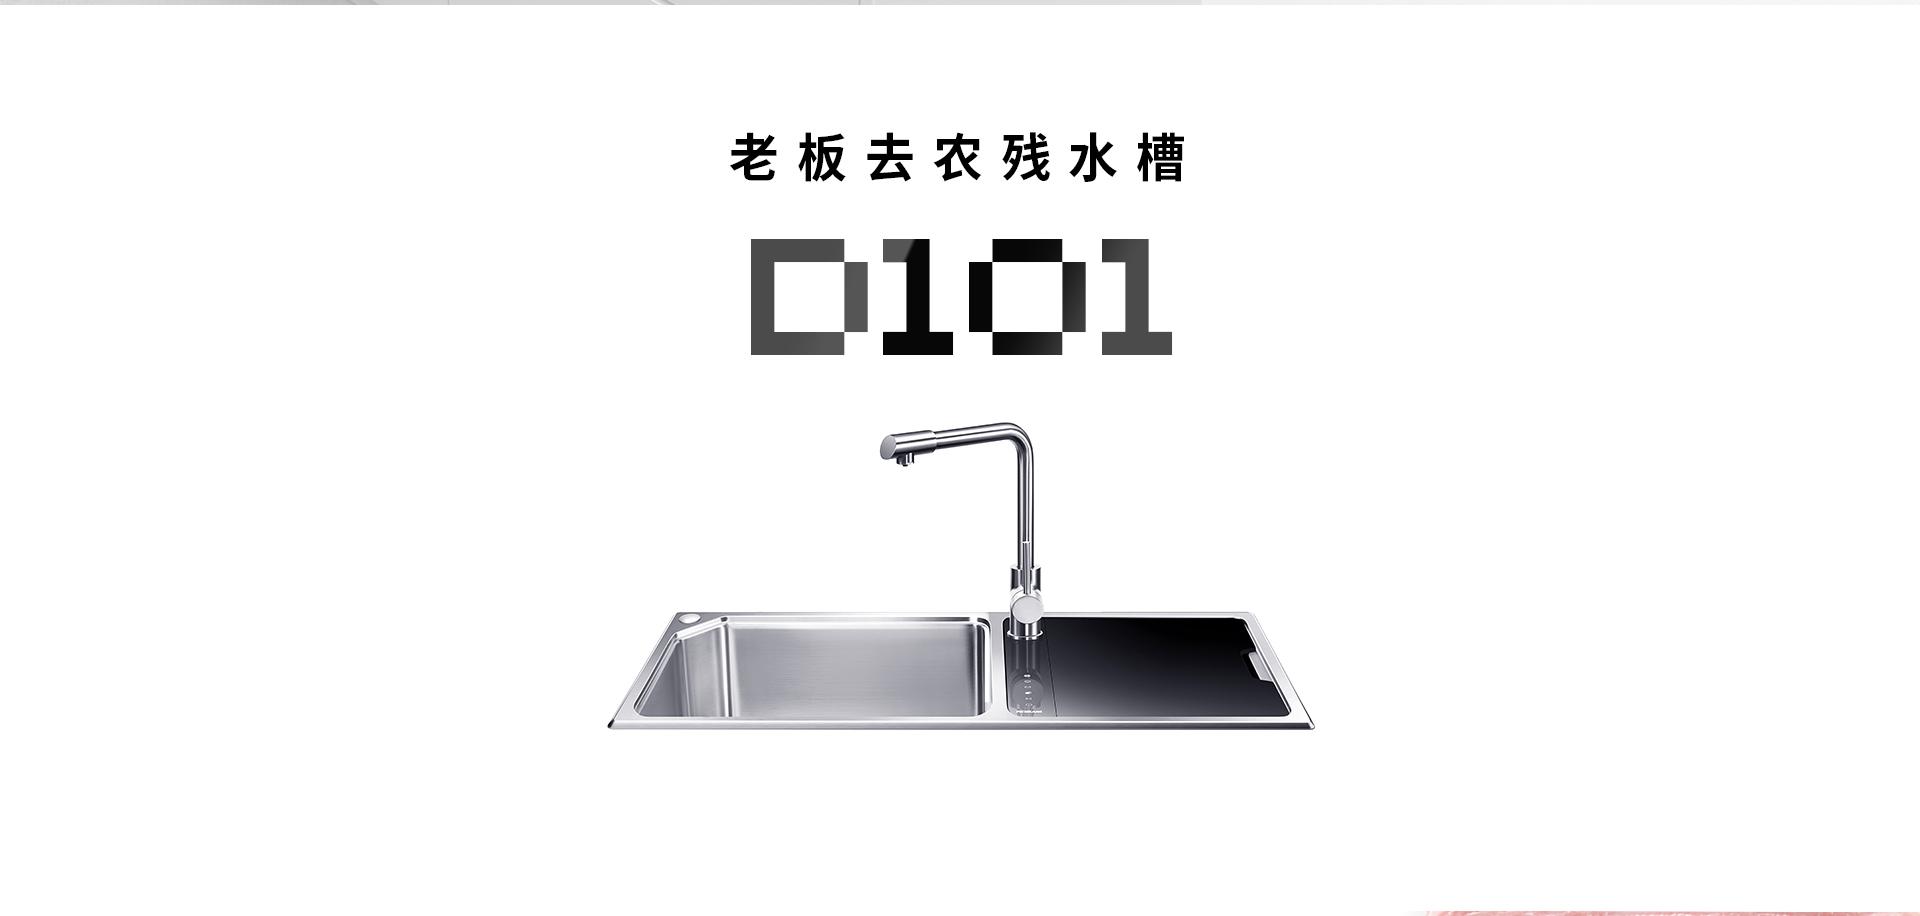 101-1_02.jpg